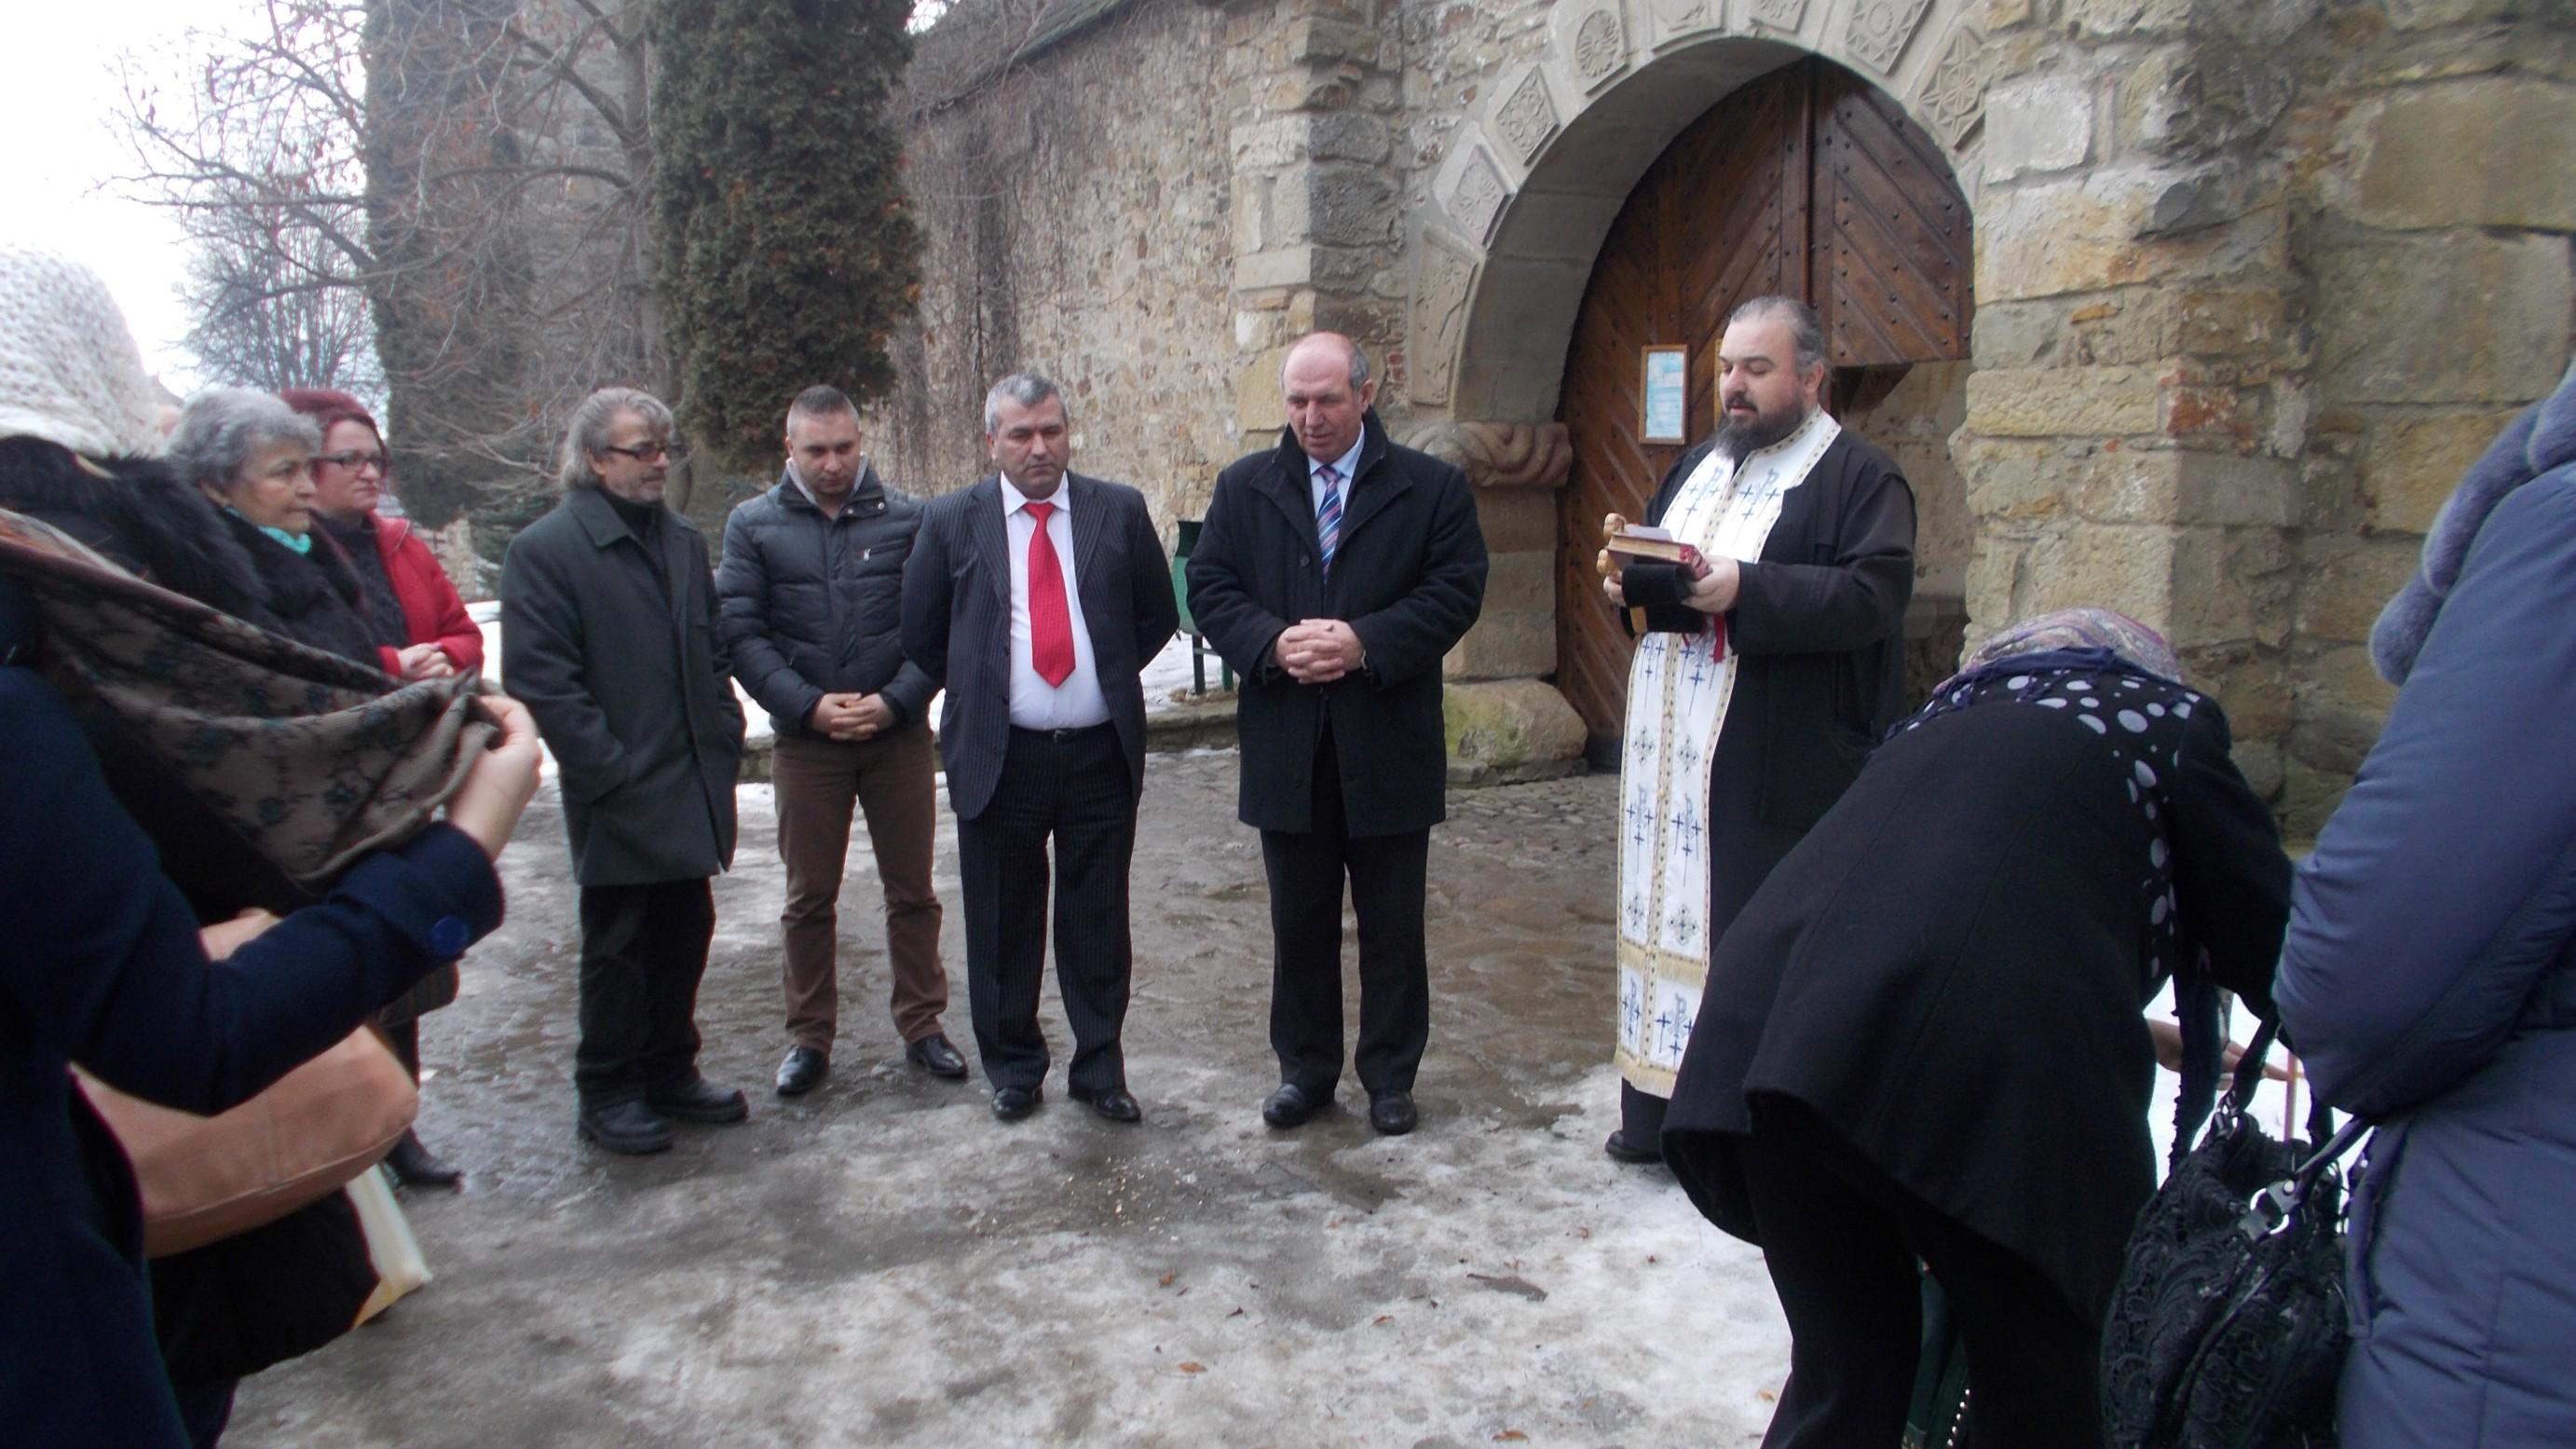 Ionică Băiţan, Cornel Boicu, Mitruţ, Constantin Irimia, de-a dreapta părintelui